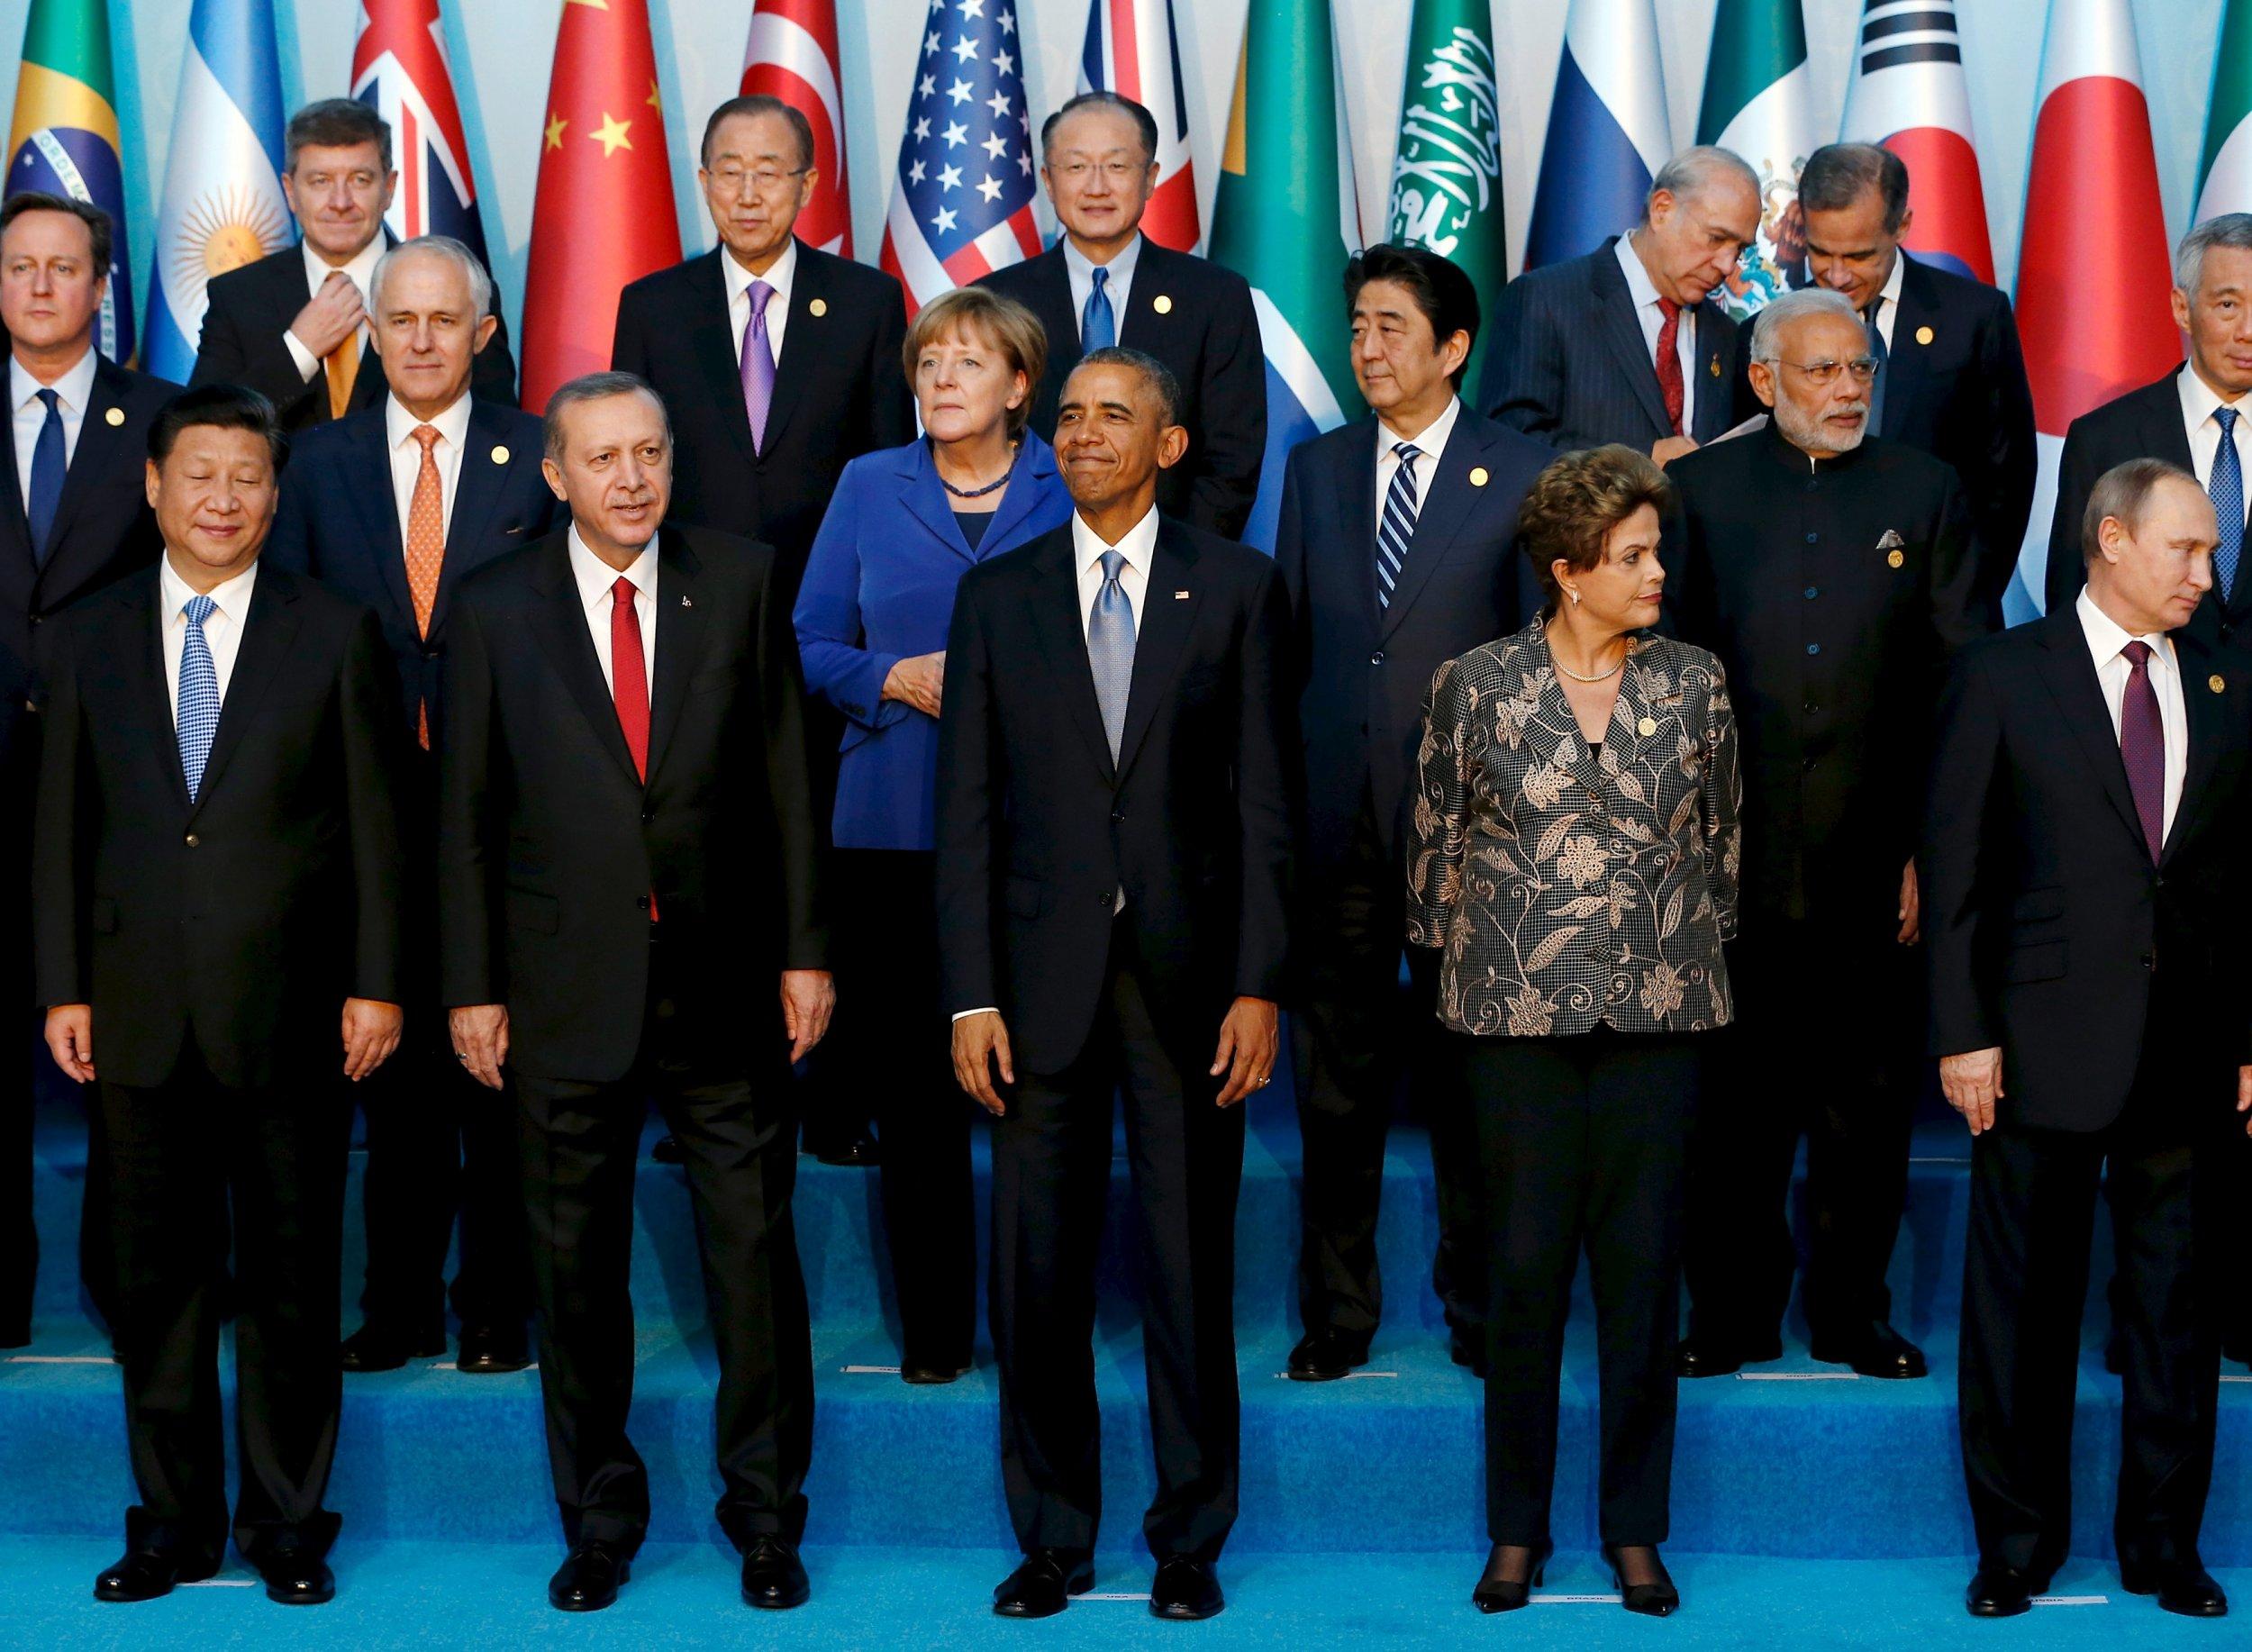 11_15_2015_obama_g20